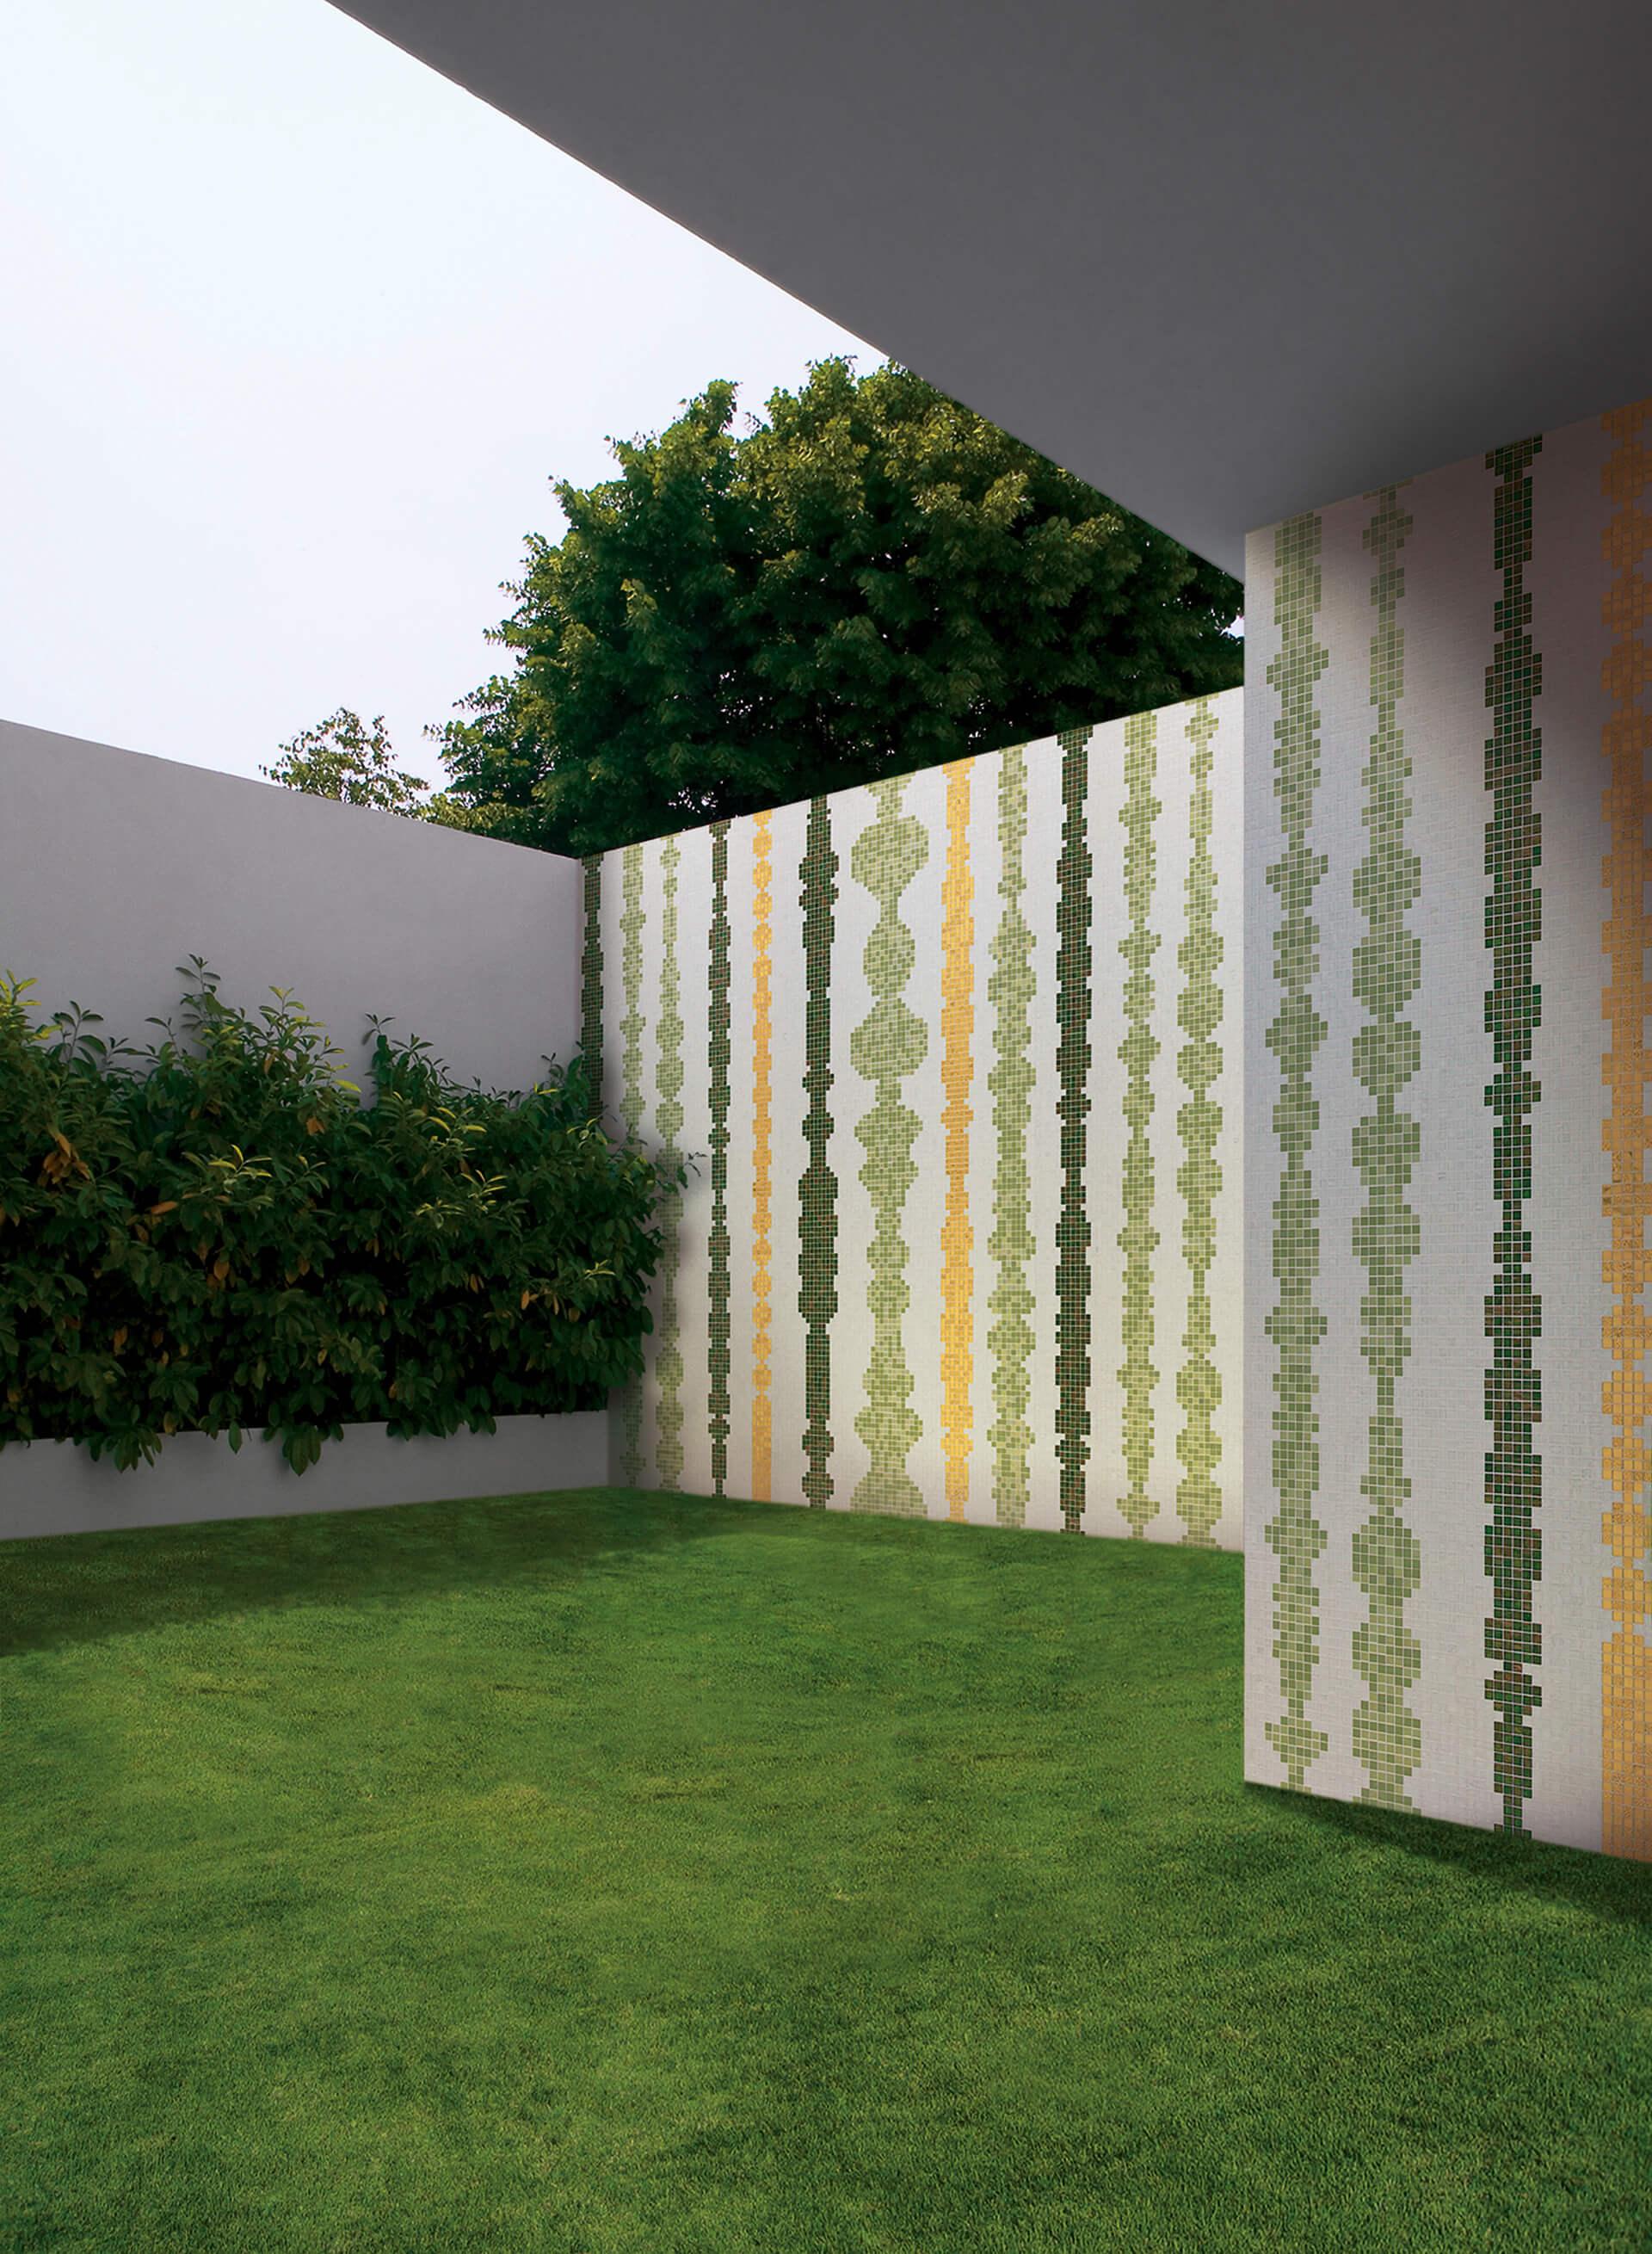 Columns Green